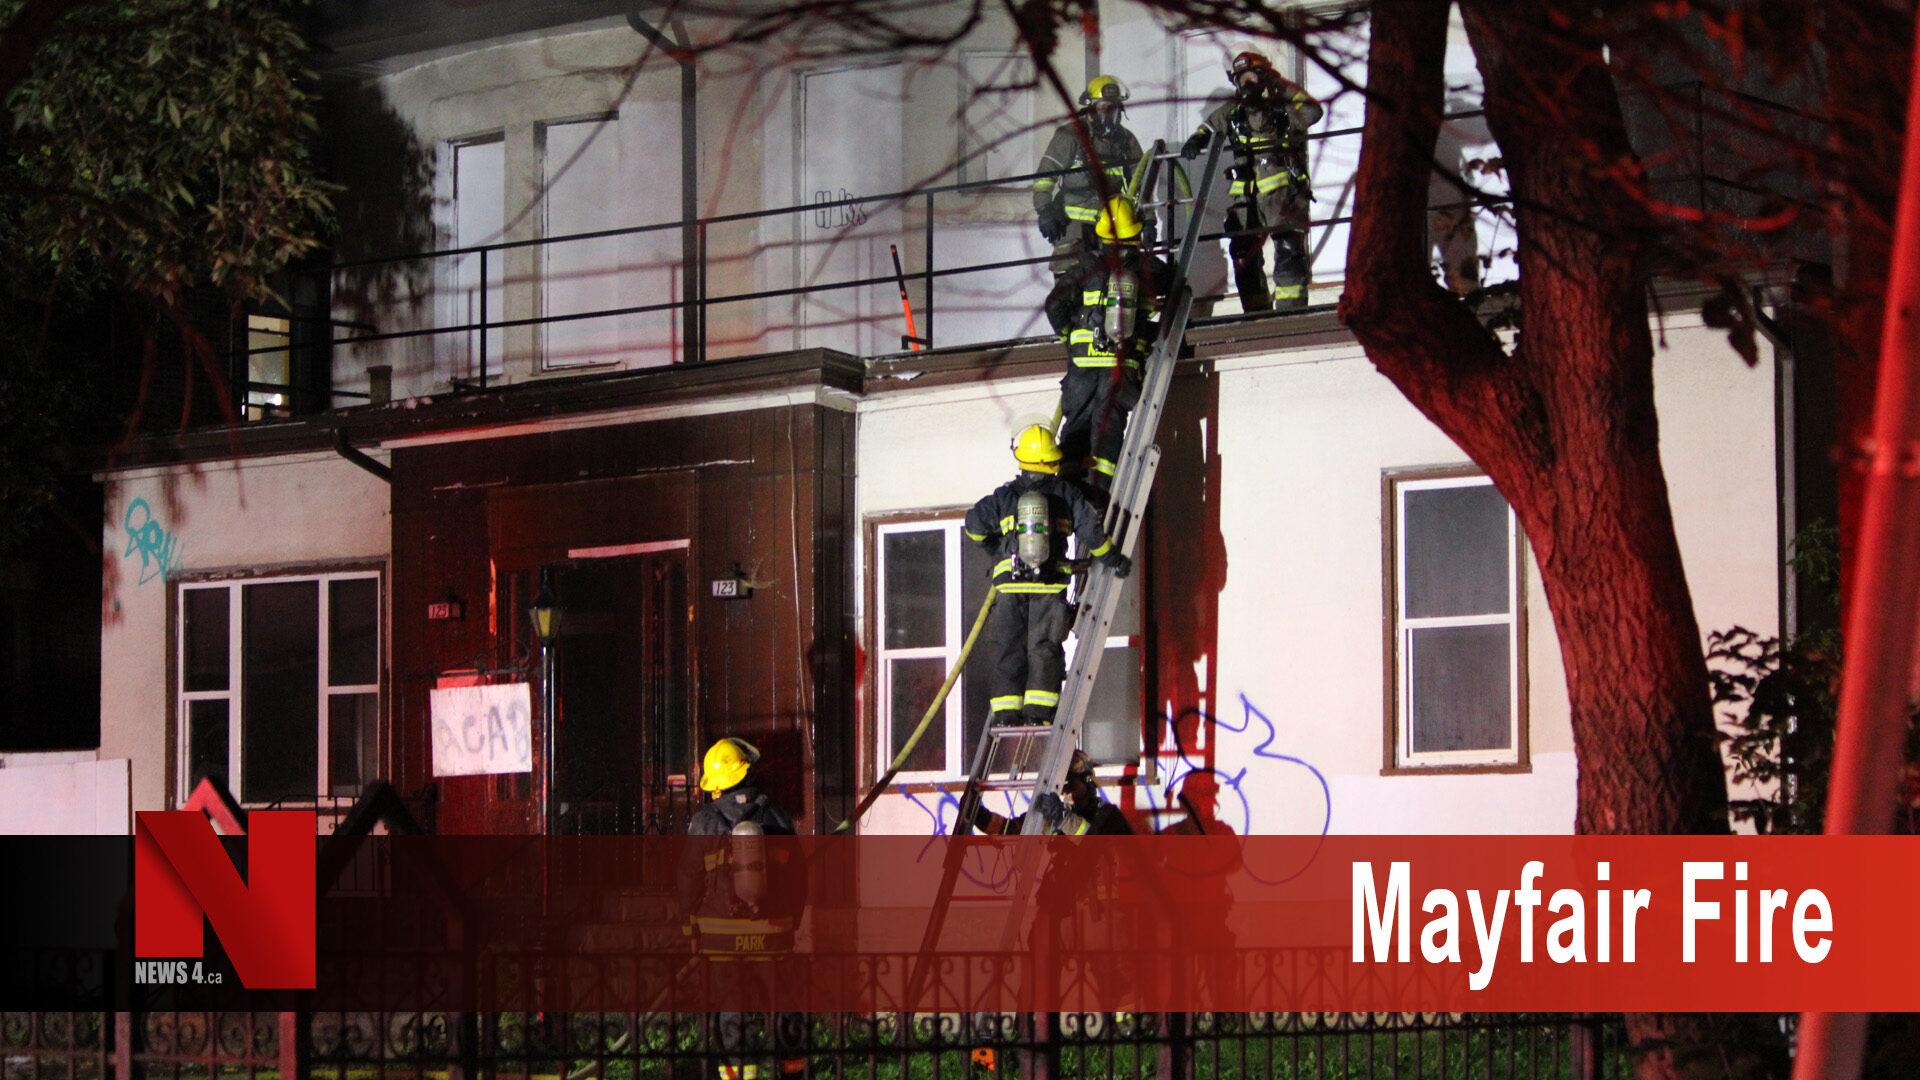 Mayfair Fire